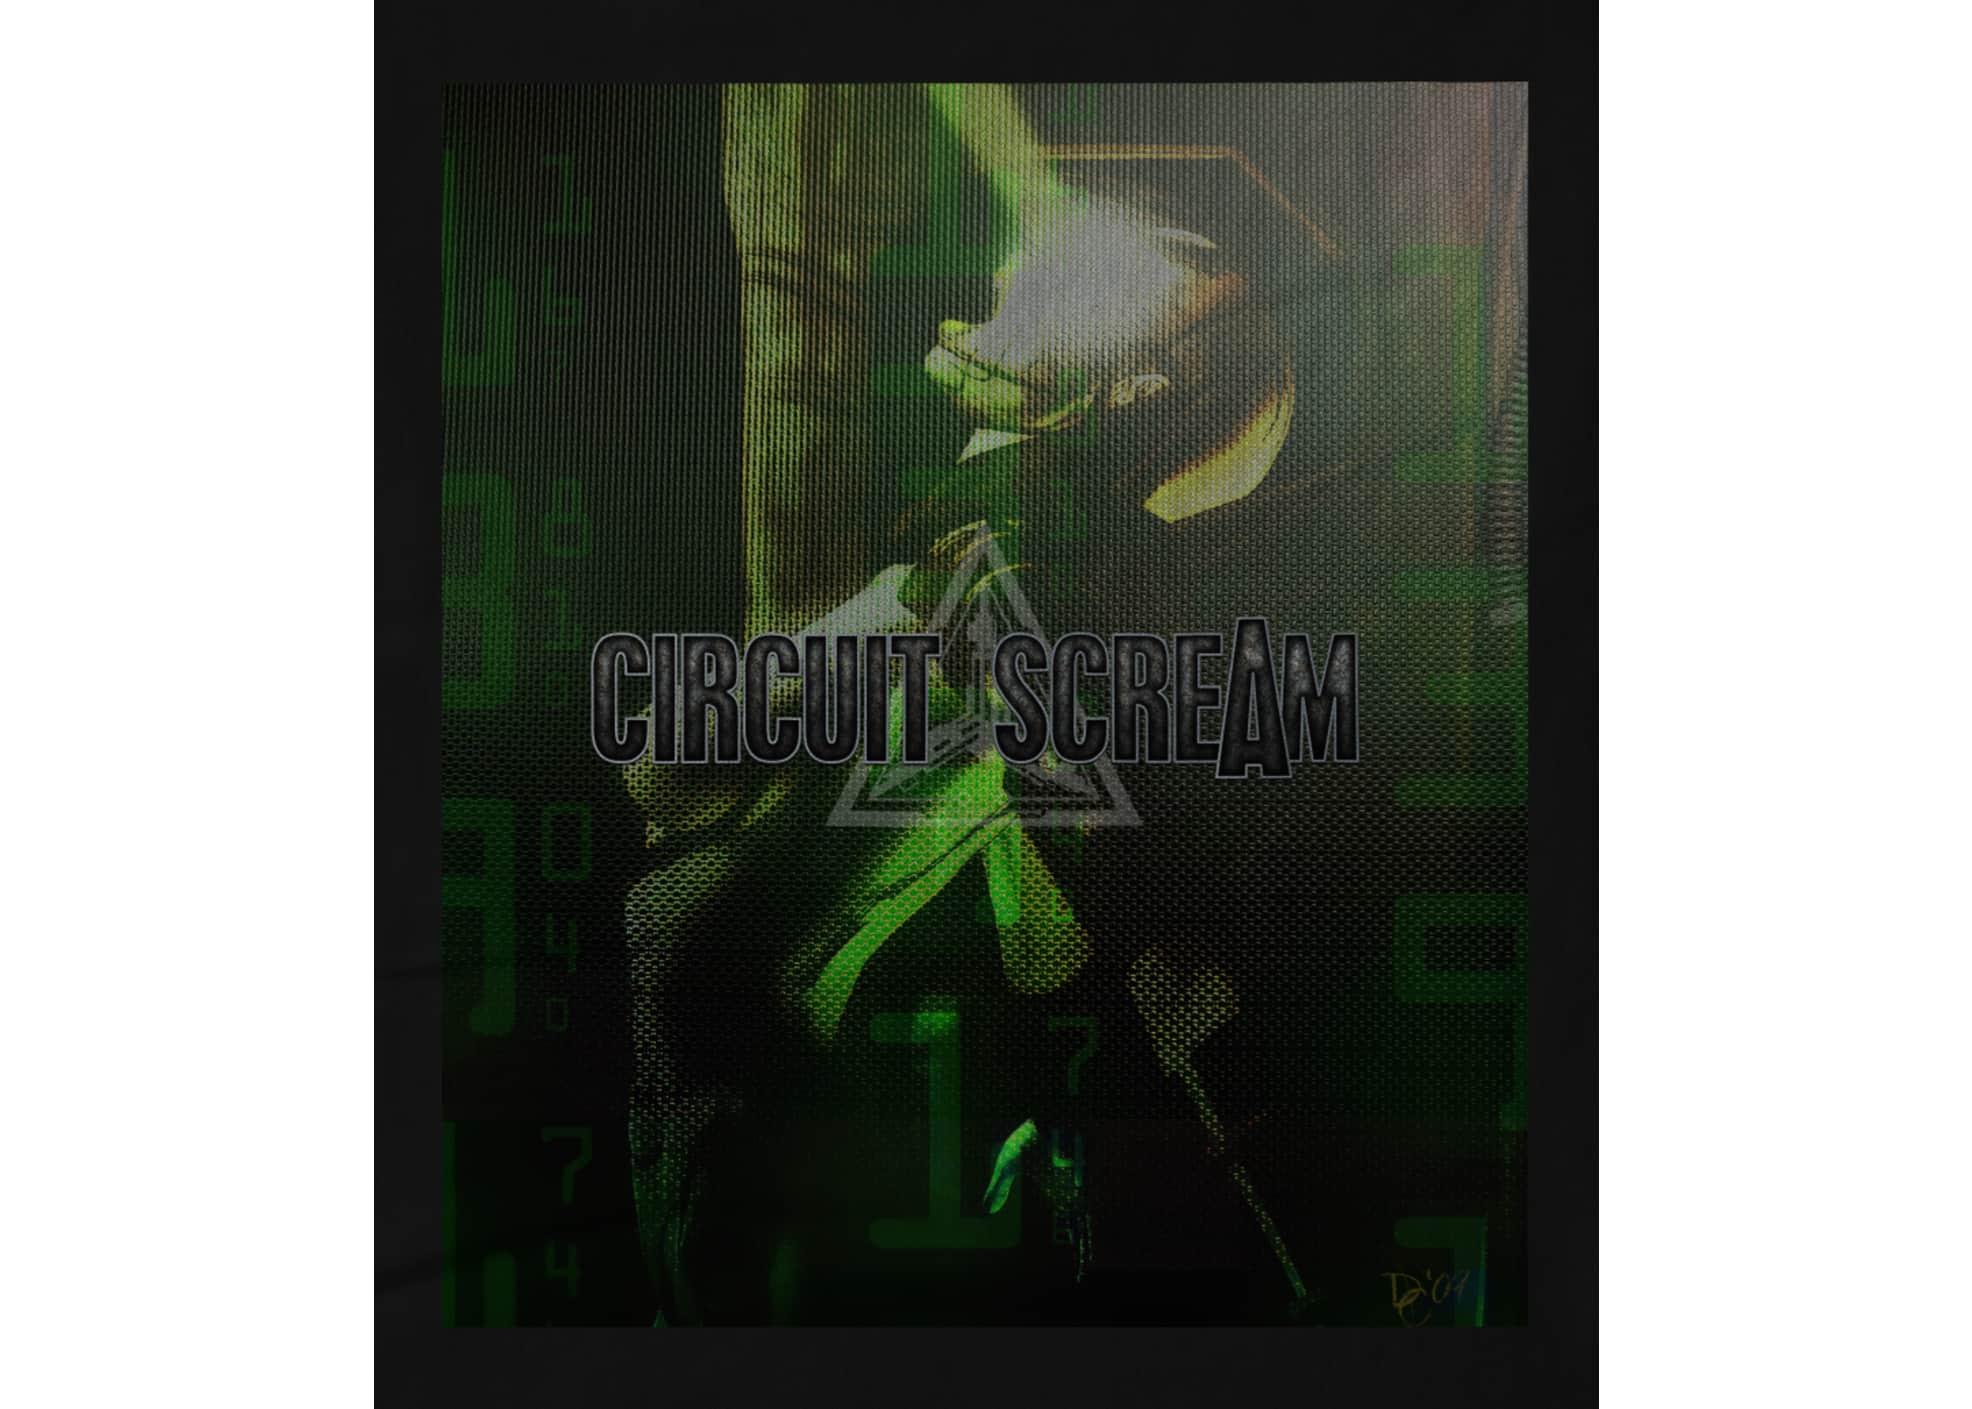 Circuit scream circuit scream 1617310697